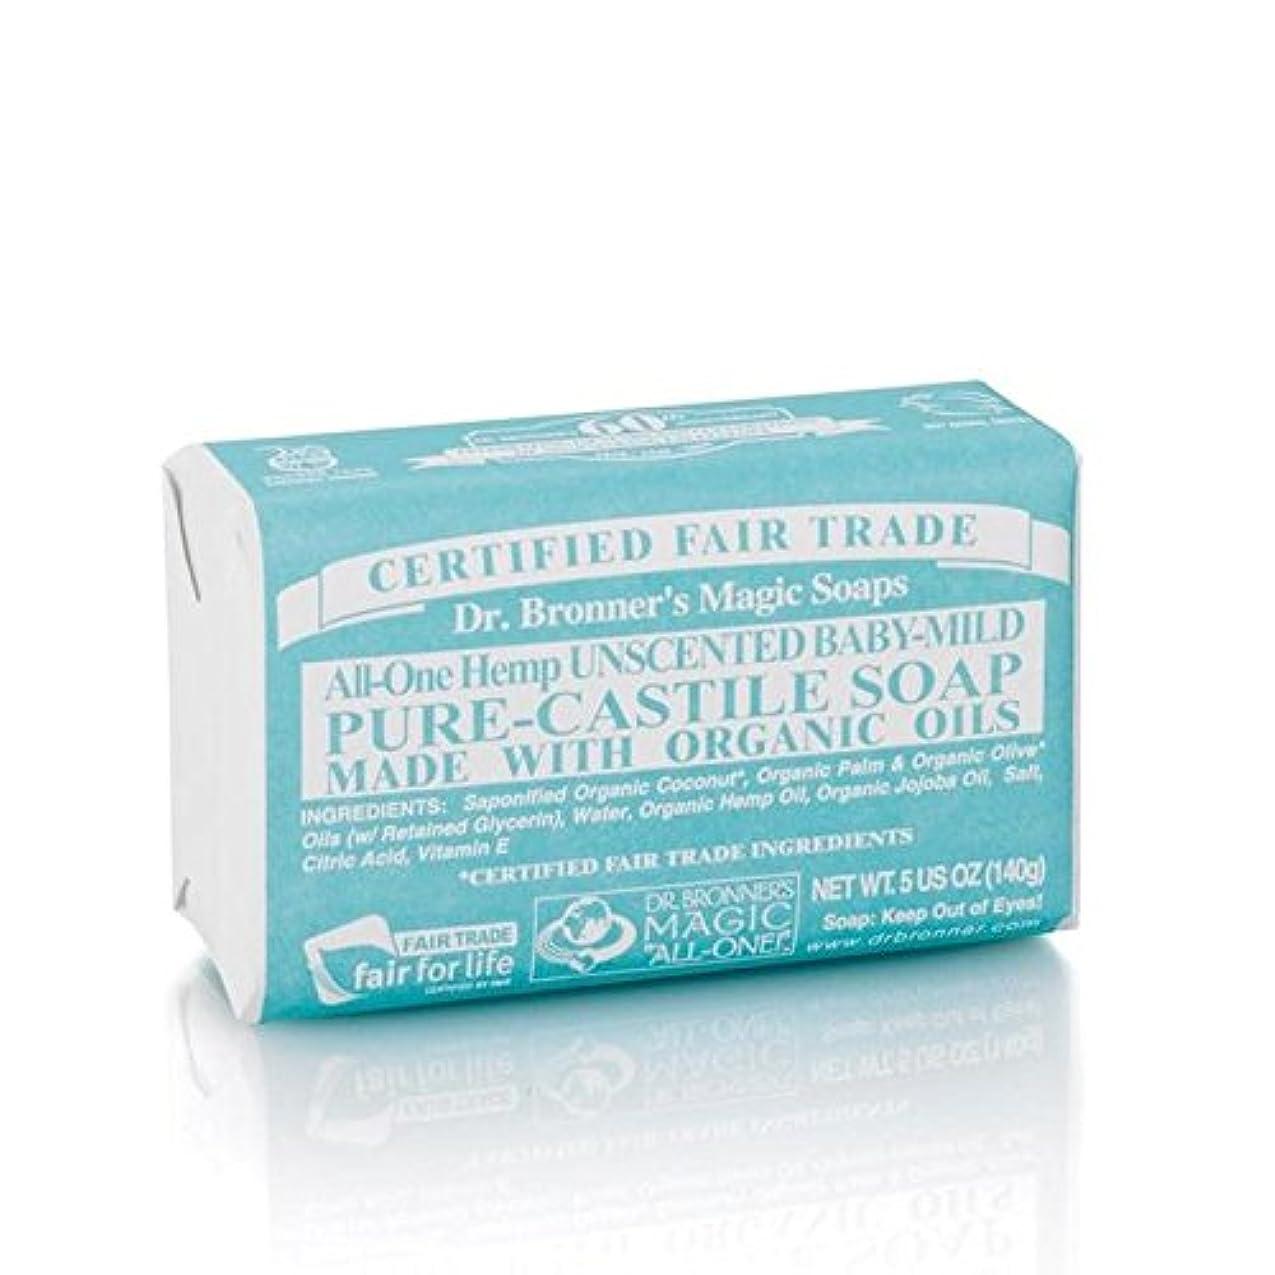 ヘア助けになるスキーのブロナーオーガニックベビーマイルドソープバー140グラム x2 - Dr Bronner Organic Baby Mild Soap Bar 140g (Pack of 2) [並行輸入品]